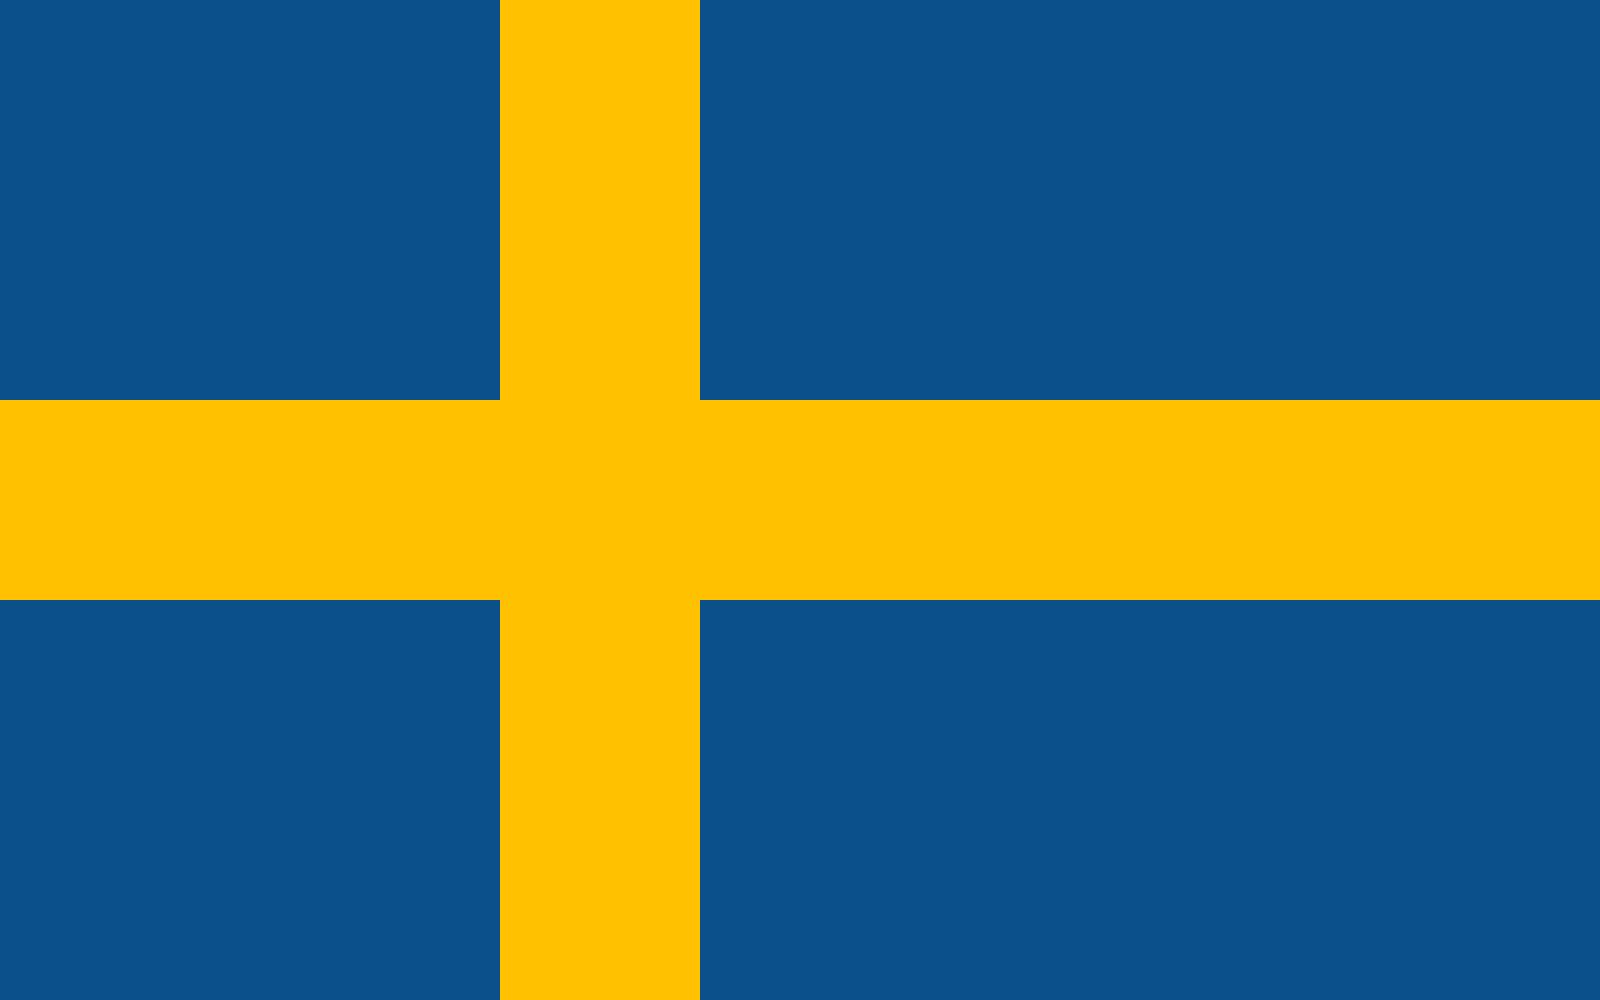 Работа в Швеции: что ожидает трудовых мигрантов